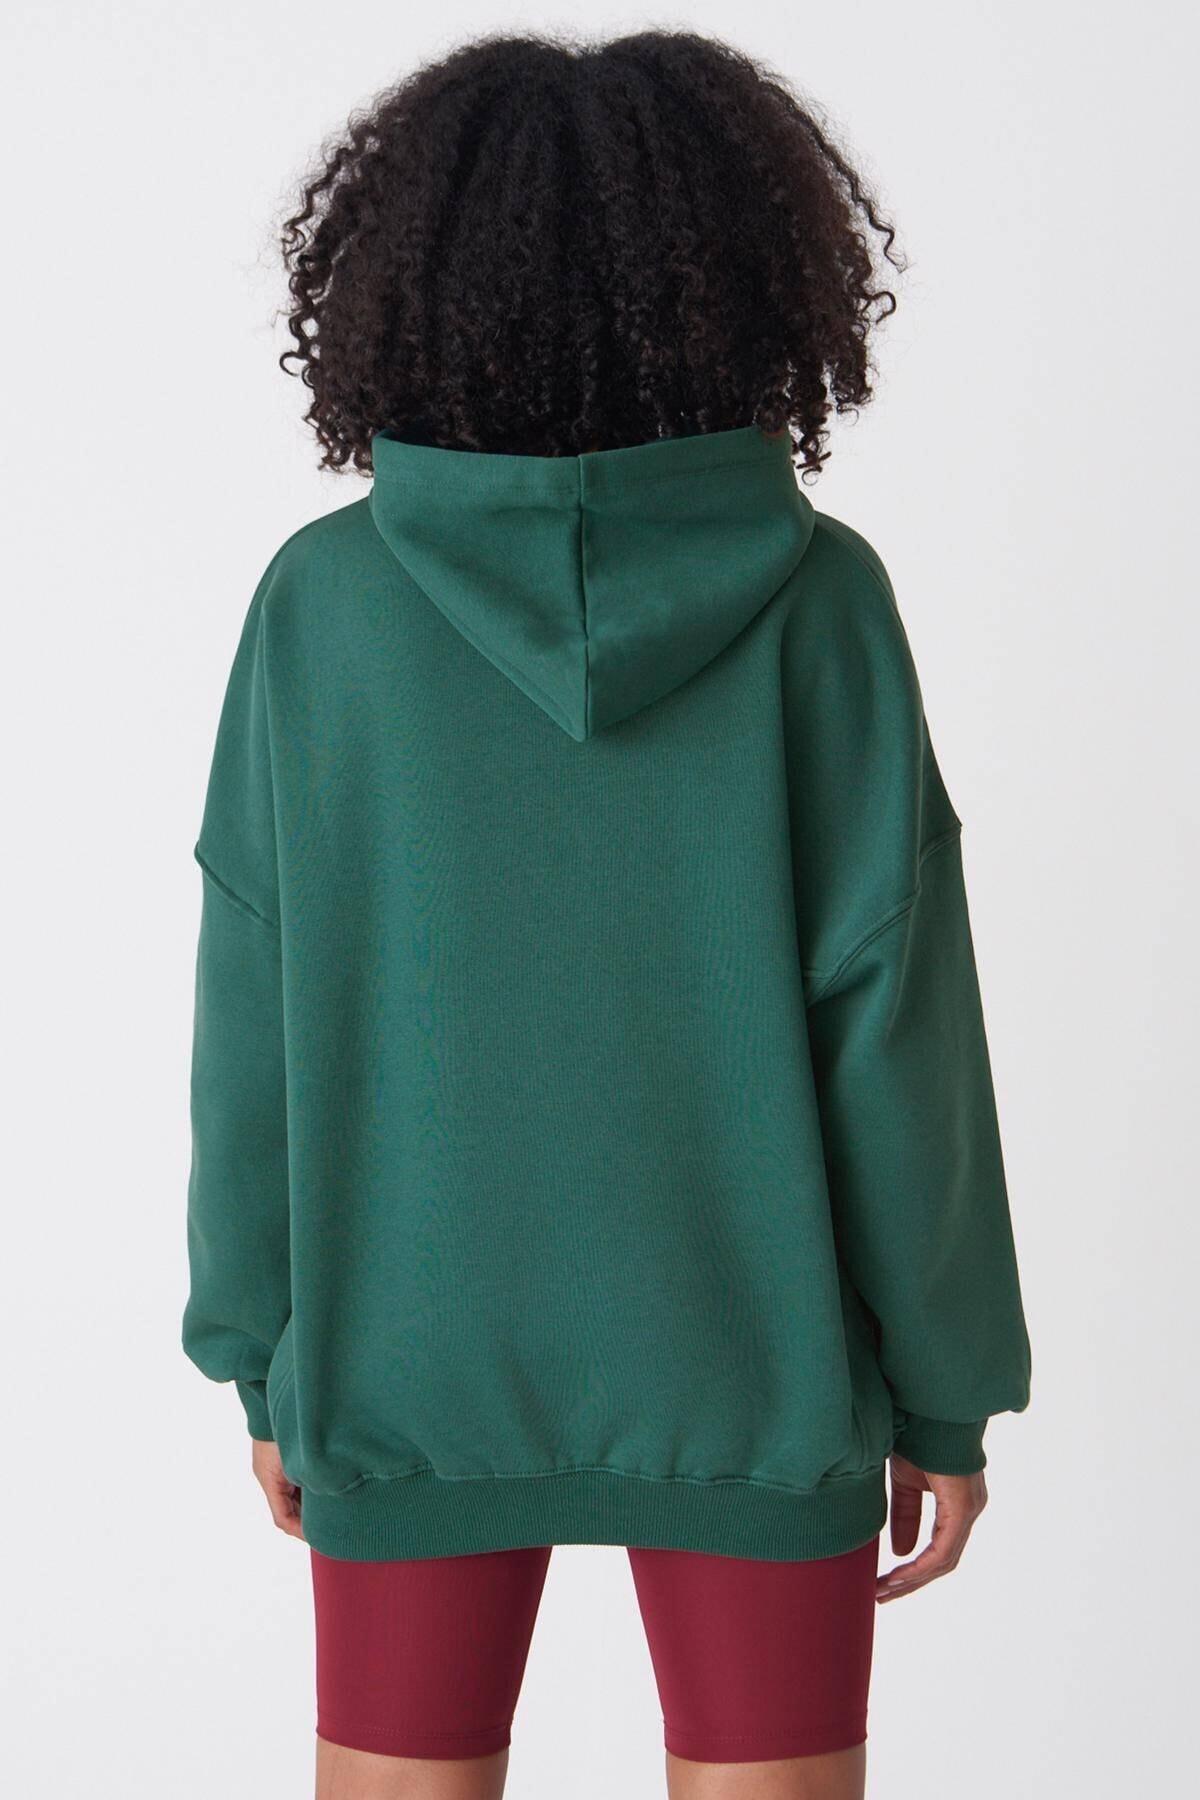 Addax Kadın Zümrüt Kapüşonlu Sweatshirt ADX-0000014040 4